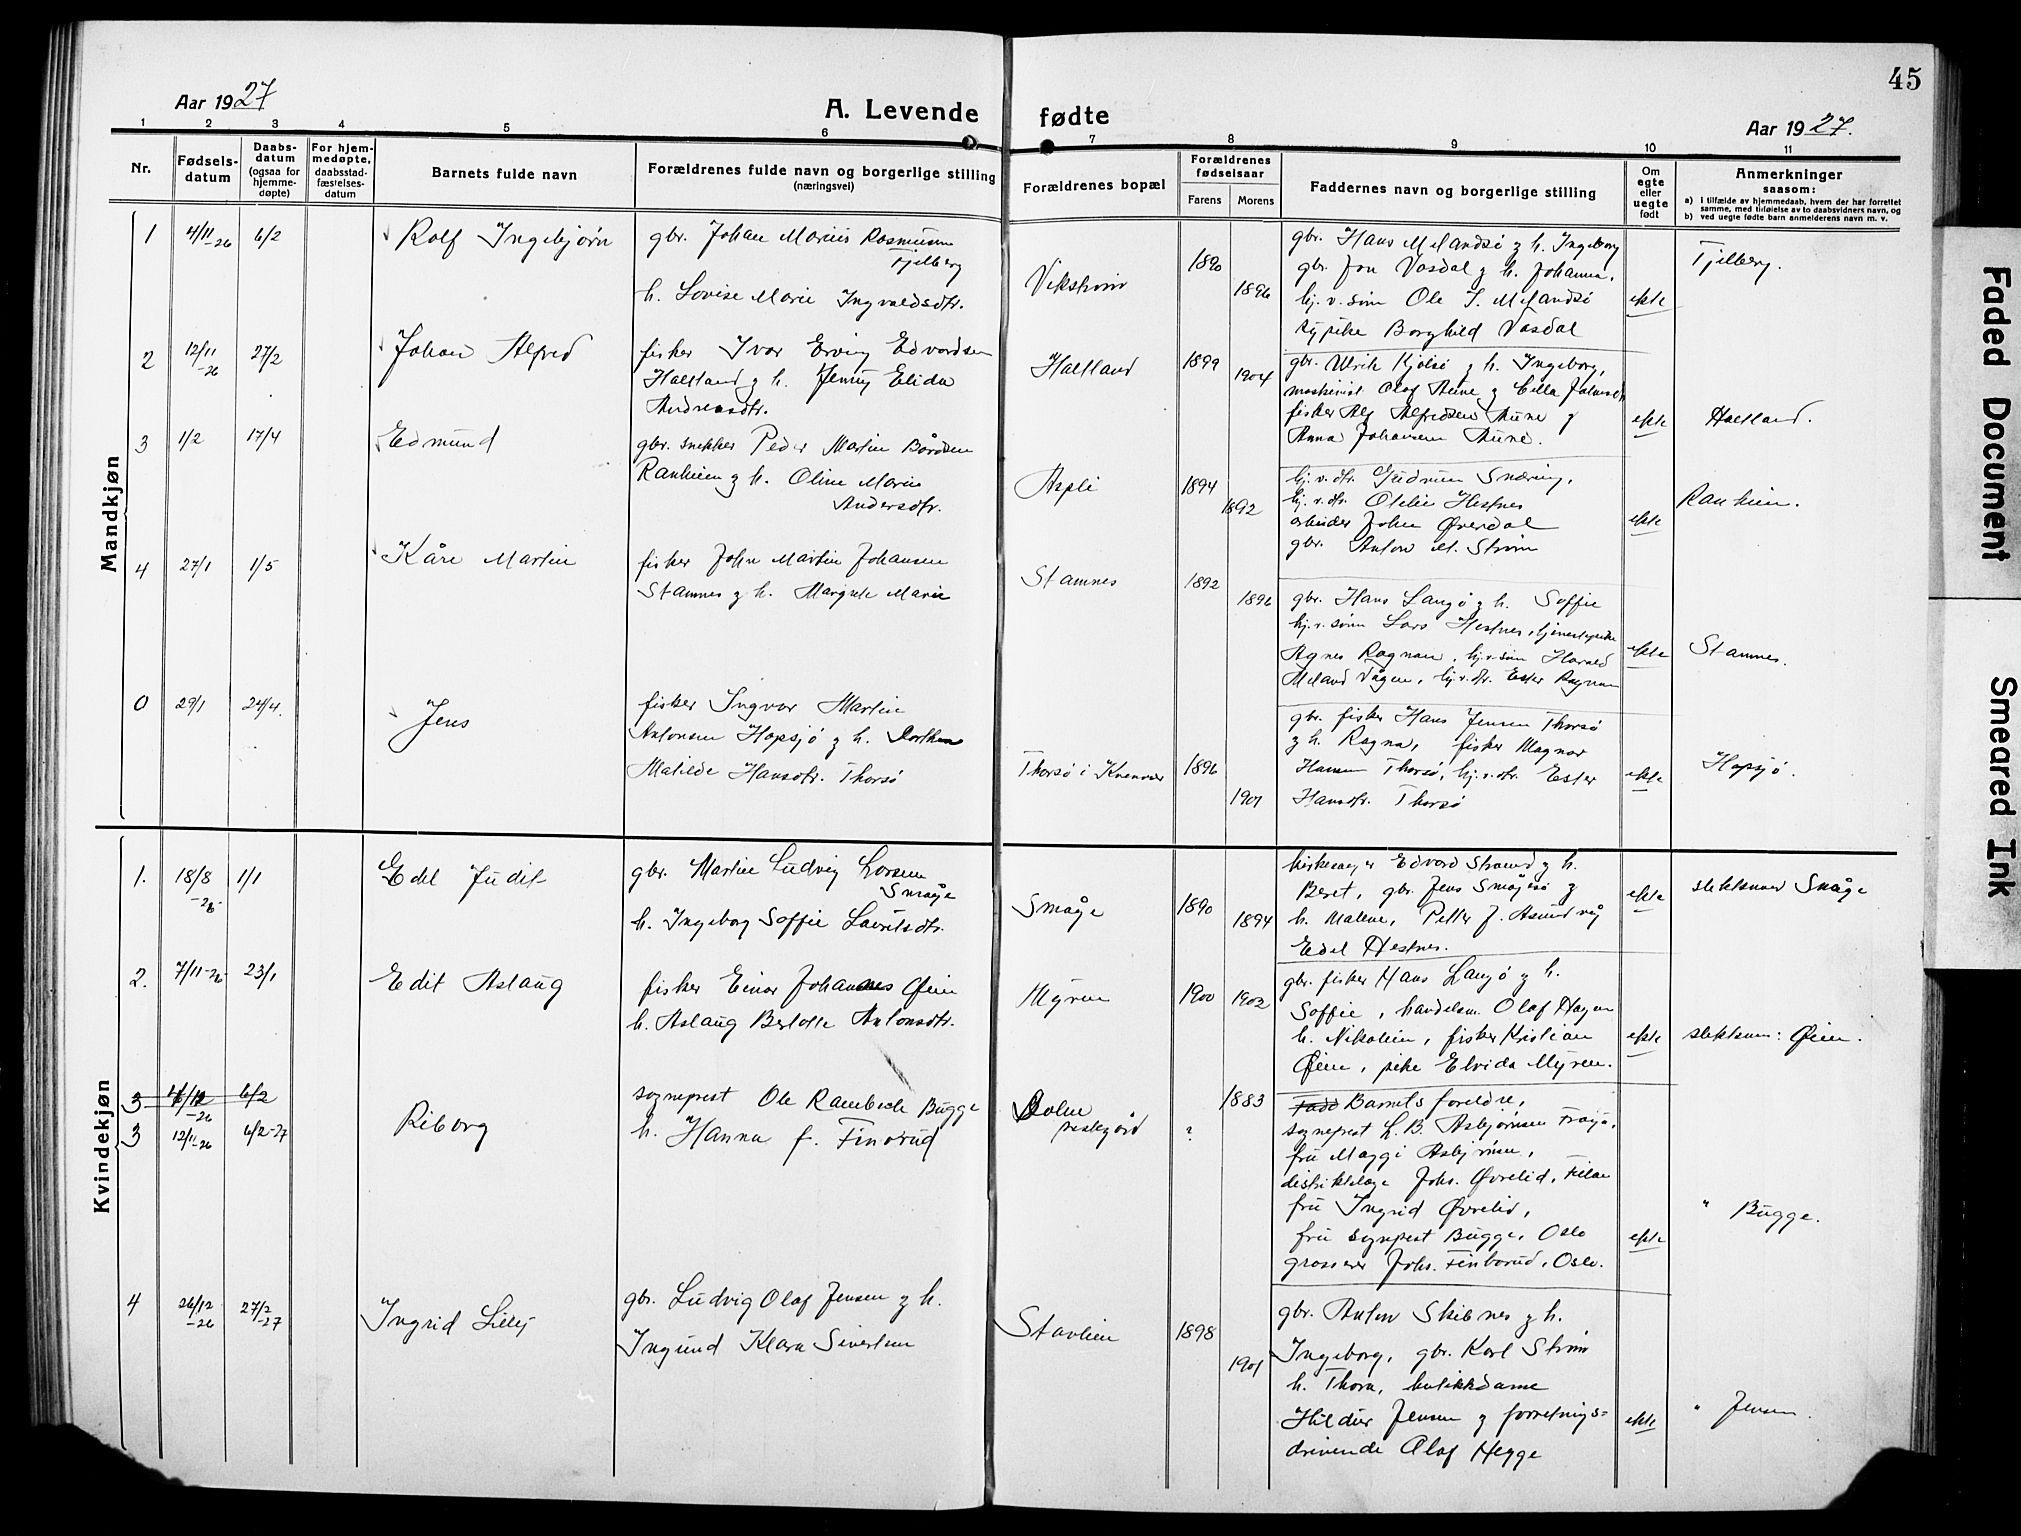 SAT, Ministerialprotokoller, klokkerbøker og fødselsregistre - Sør-Trøndelag, 634/L0543: Klokkerbok nr. 634C05, 1917-1928, s. 45